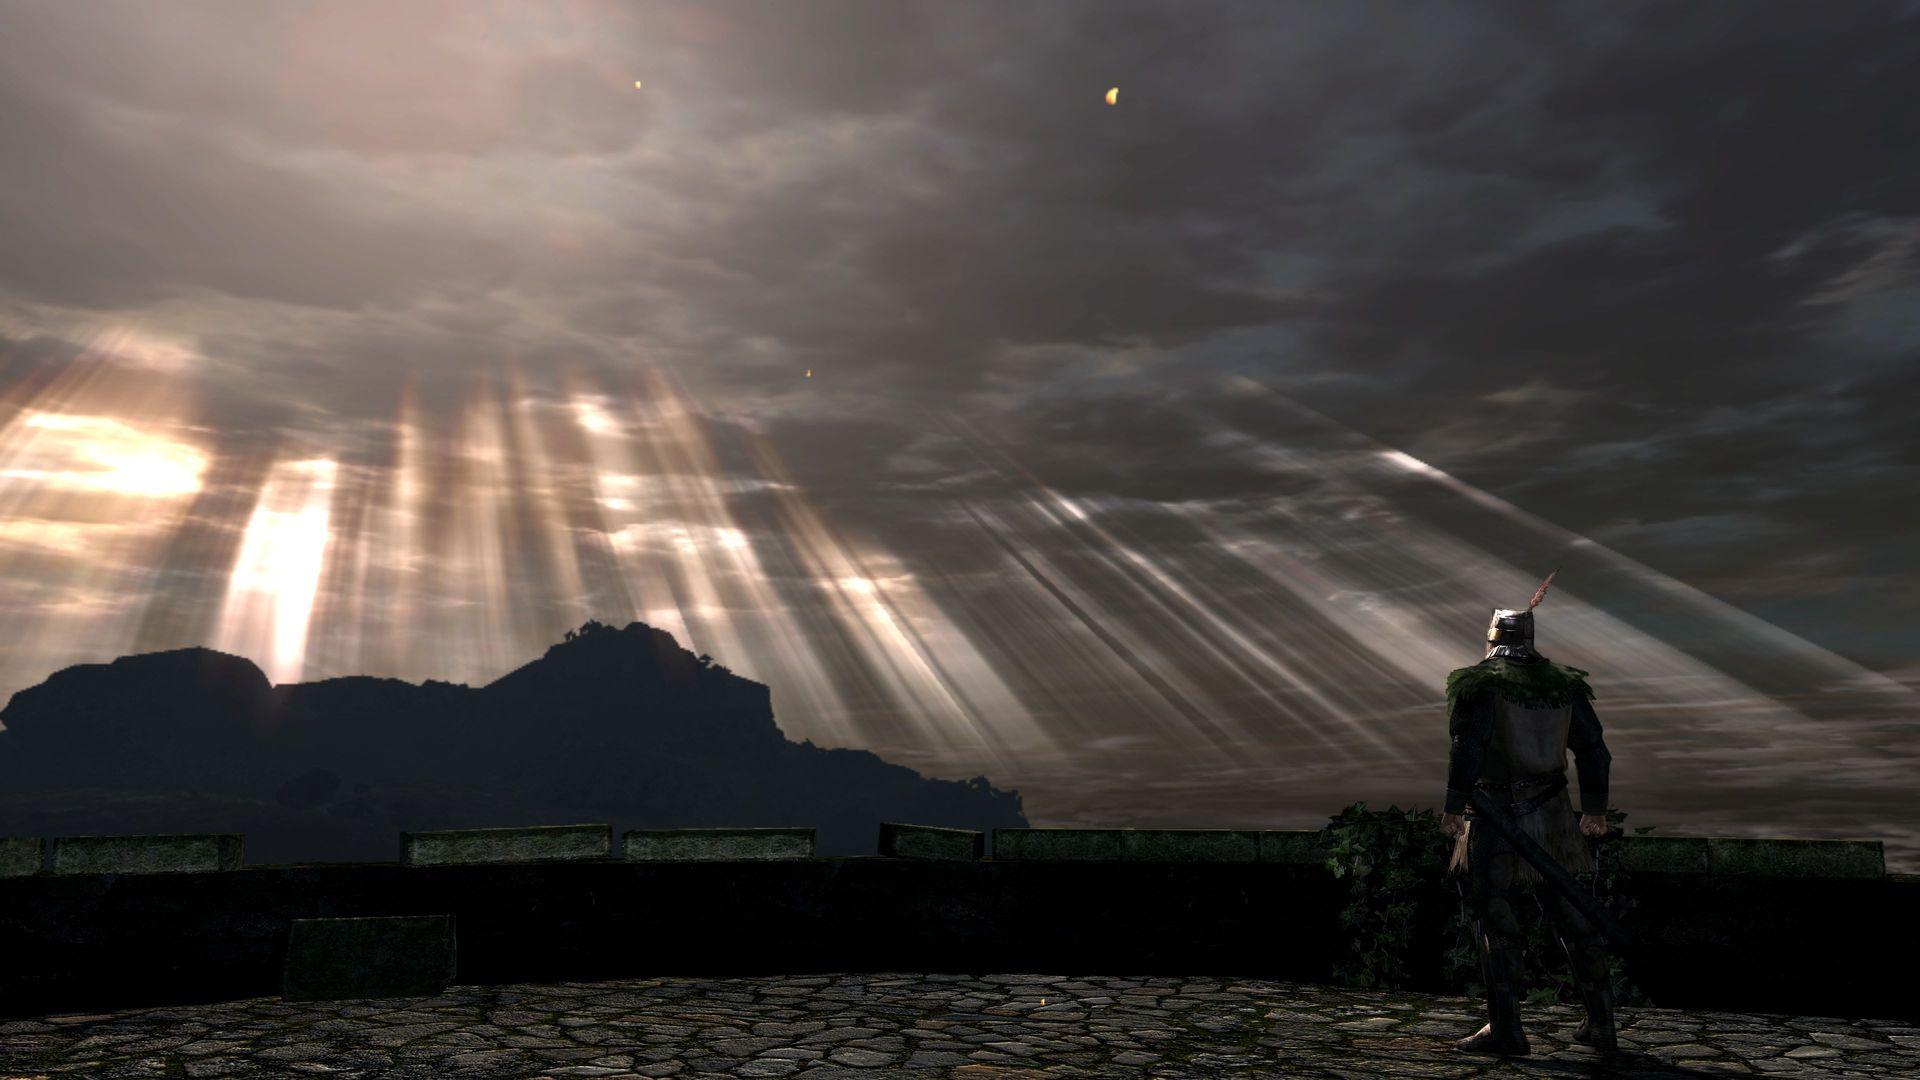 Wallpaper Sky Dark Souls 1920x1080 Jakkeriy 1445127 Hd